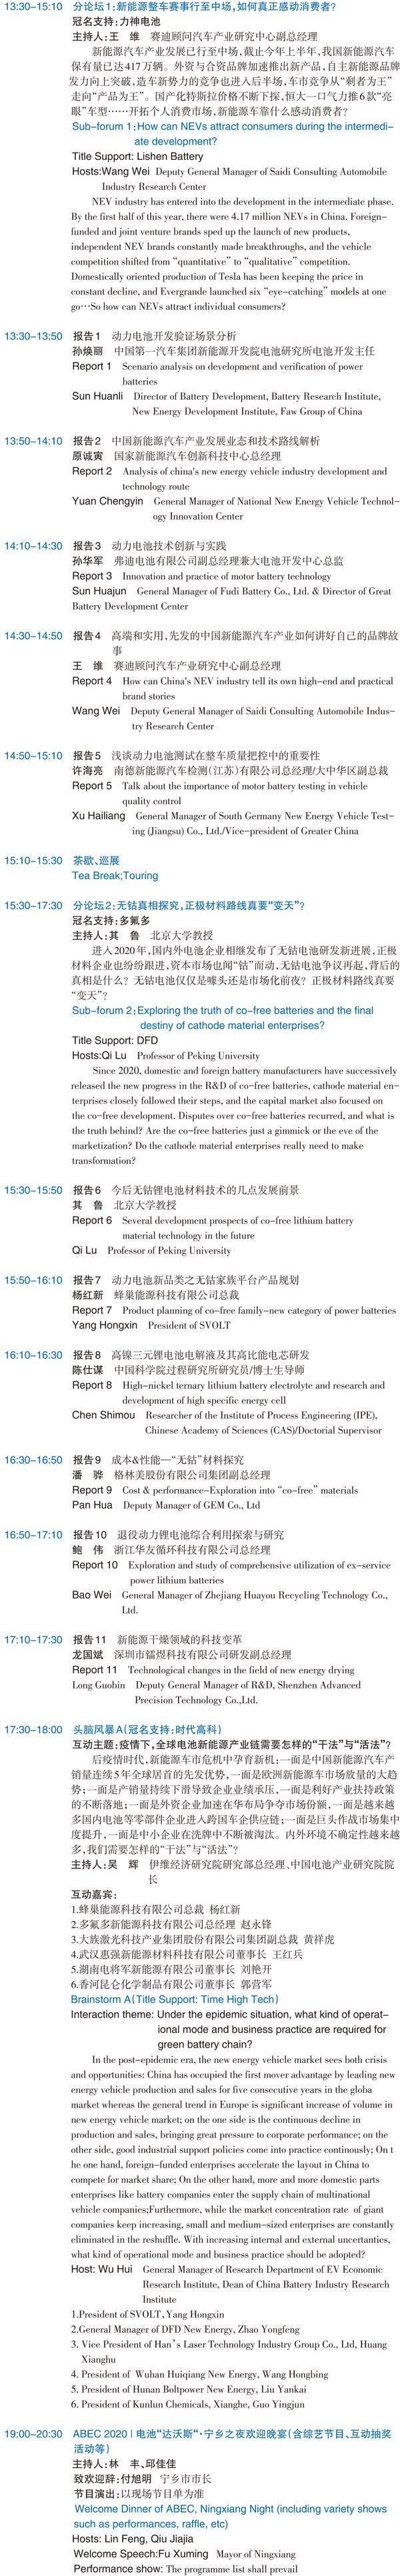 中英文日程